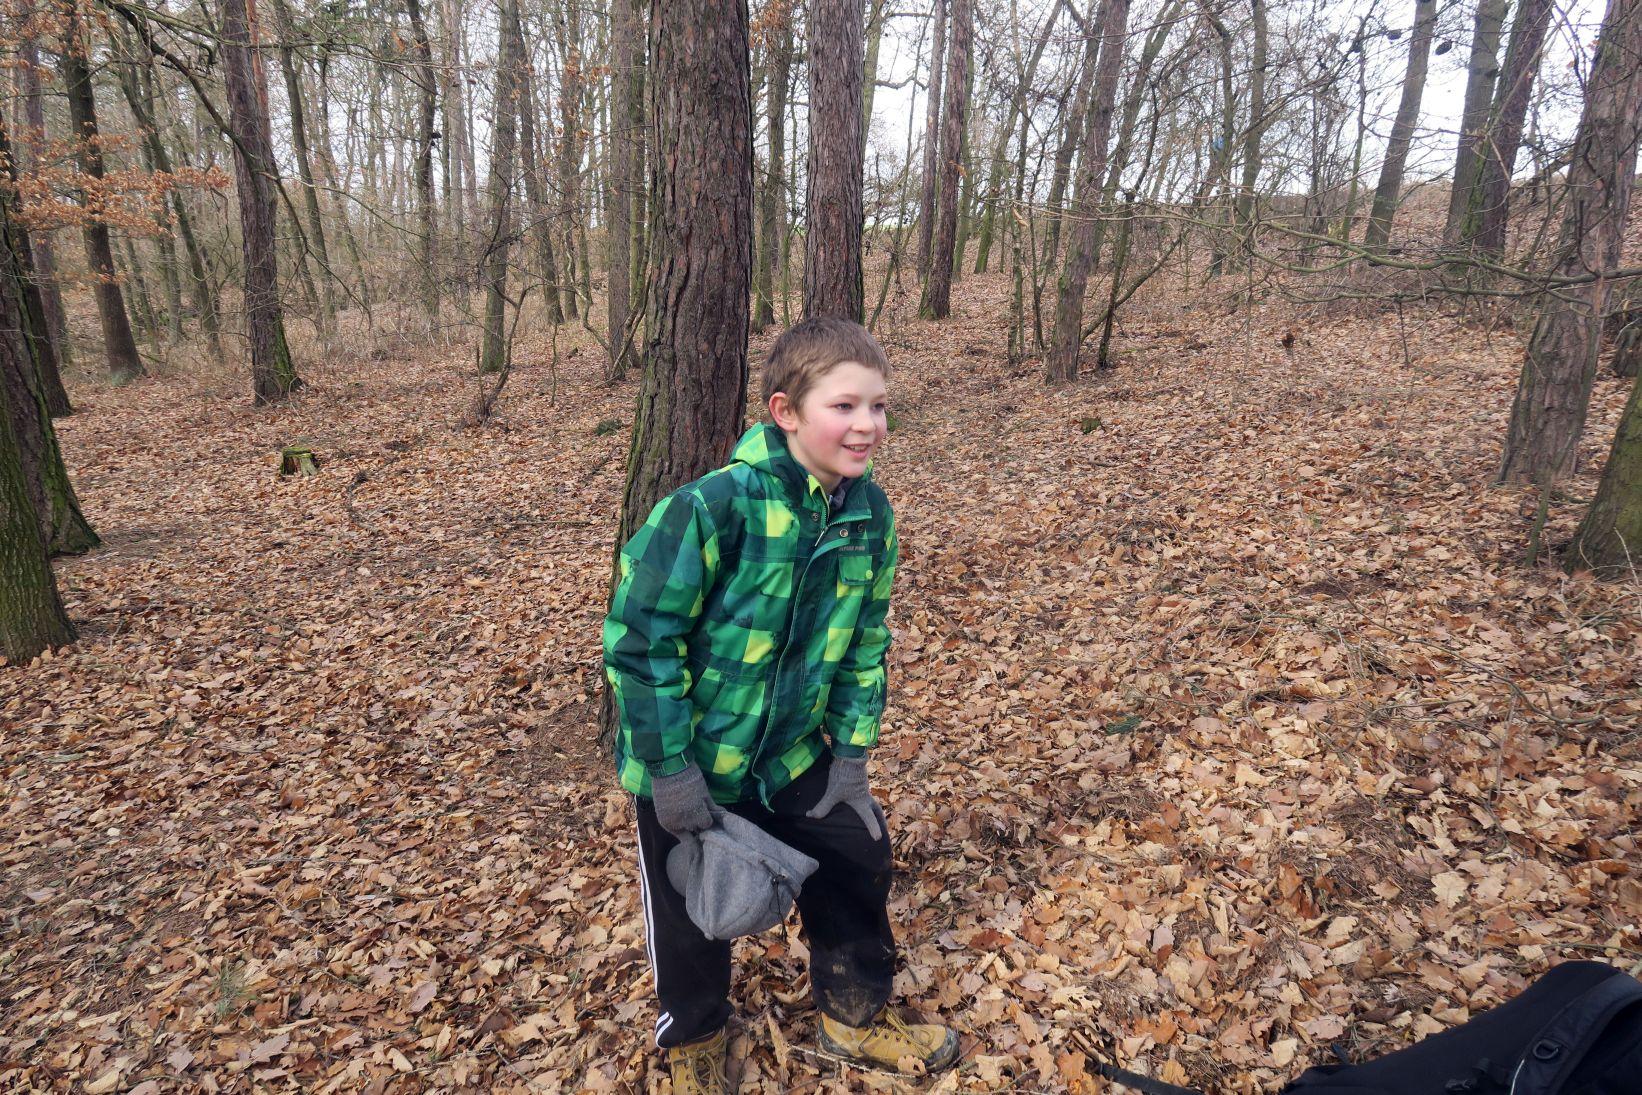 Jak mám najít nějakej strom, když jsme v lese